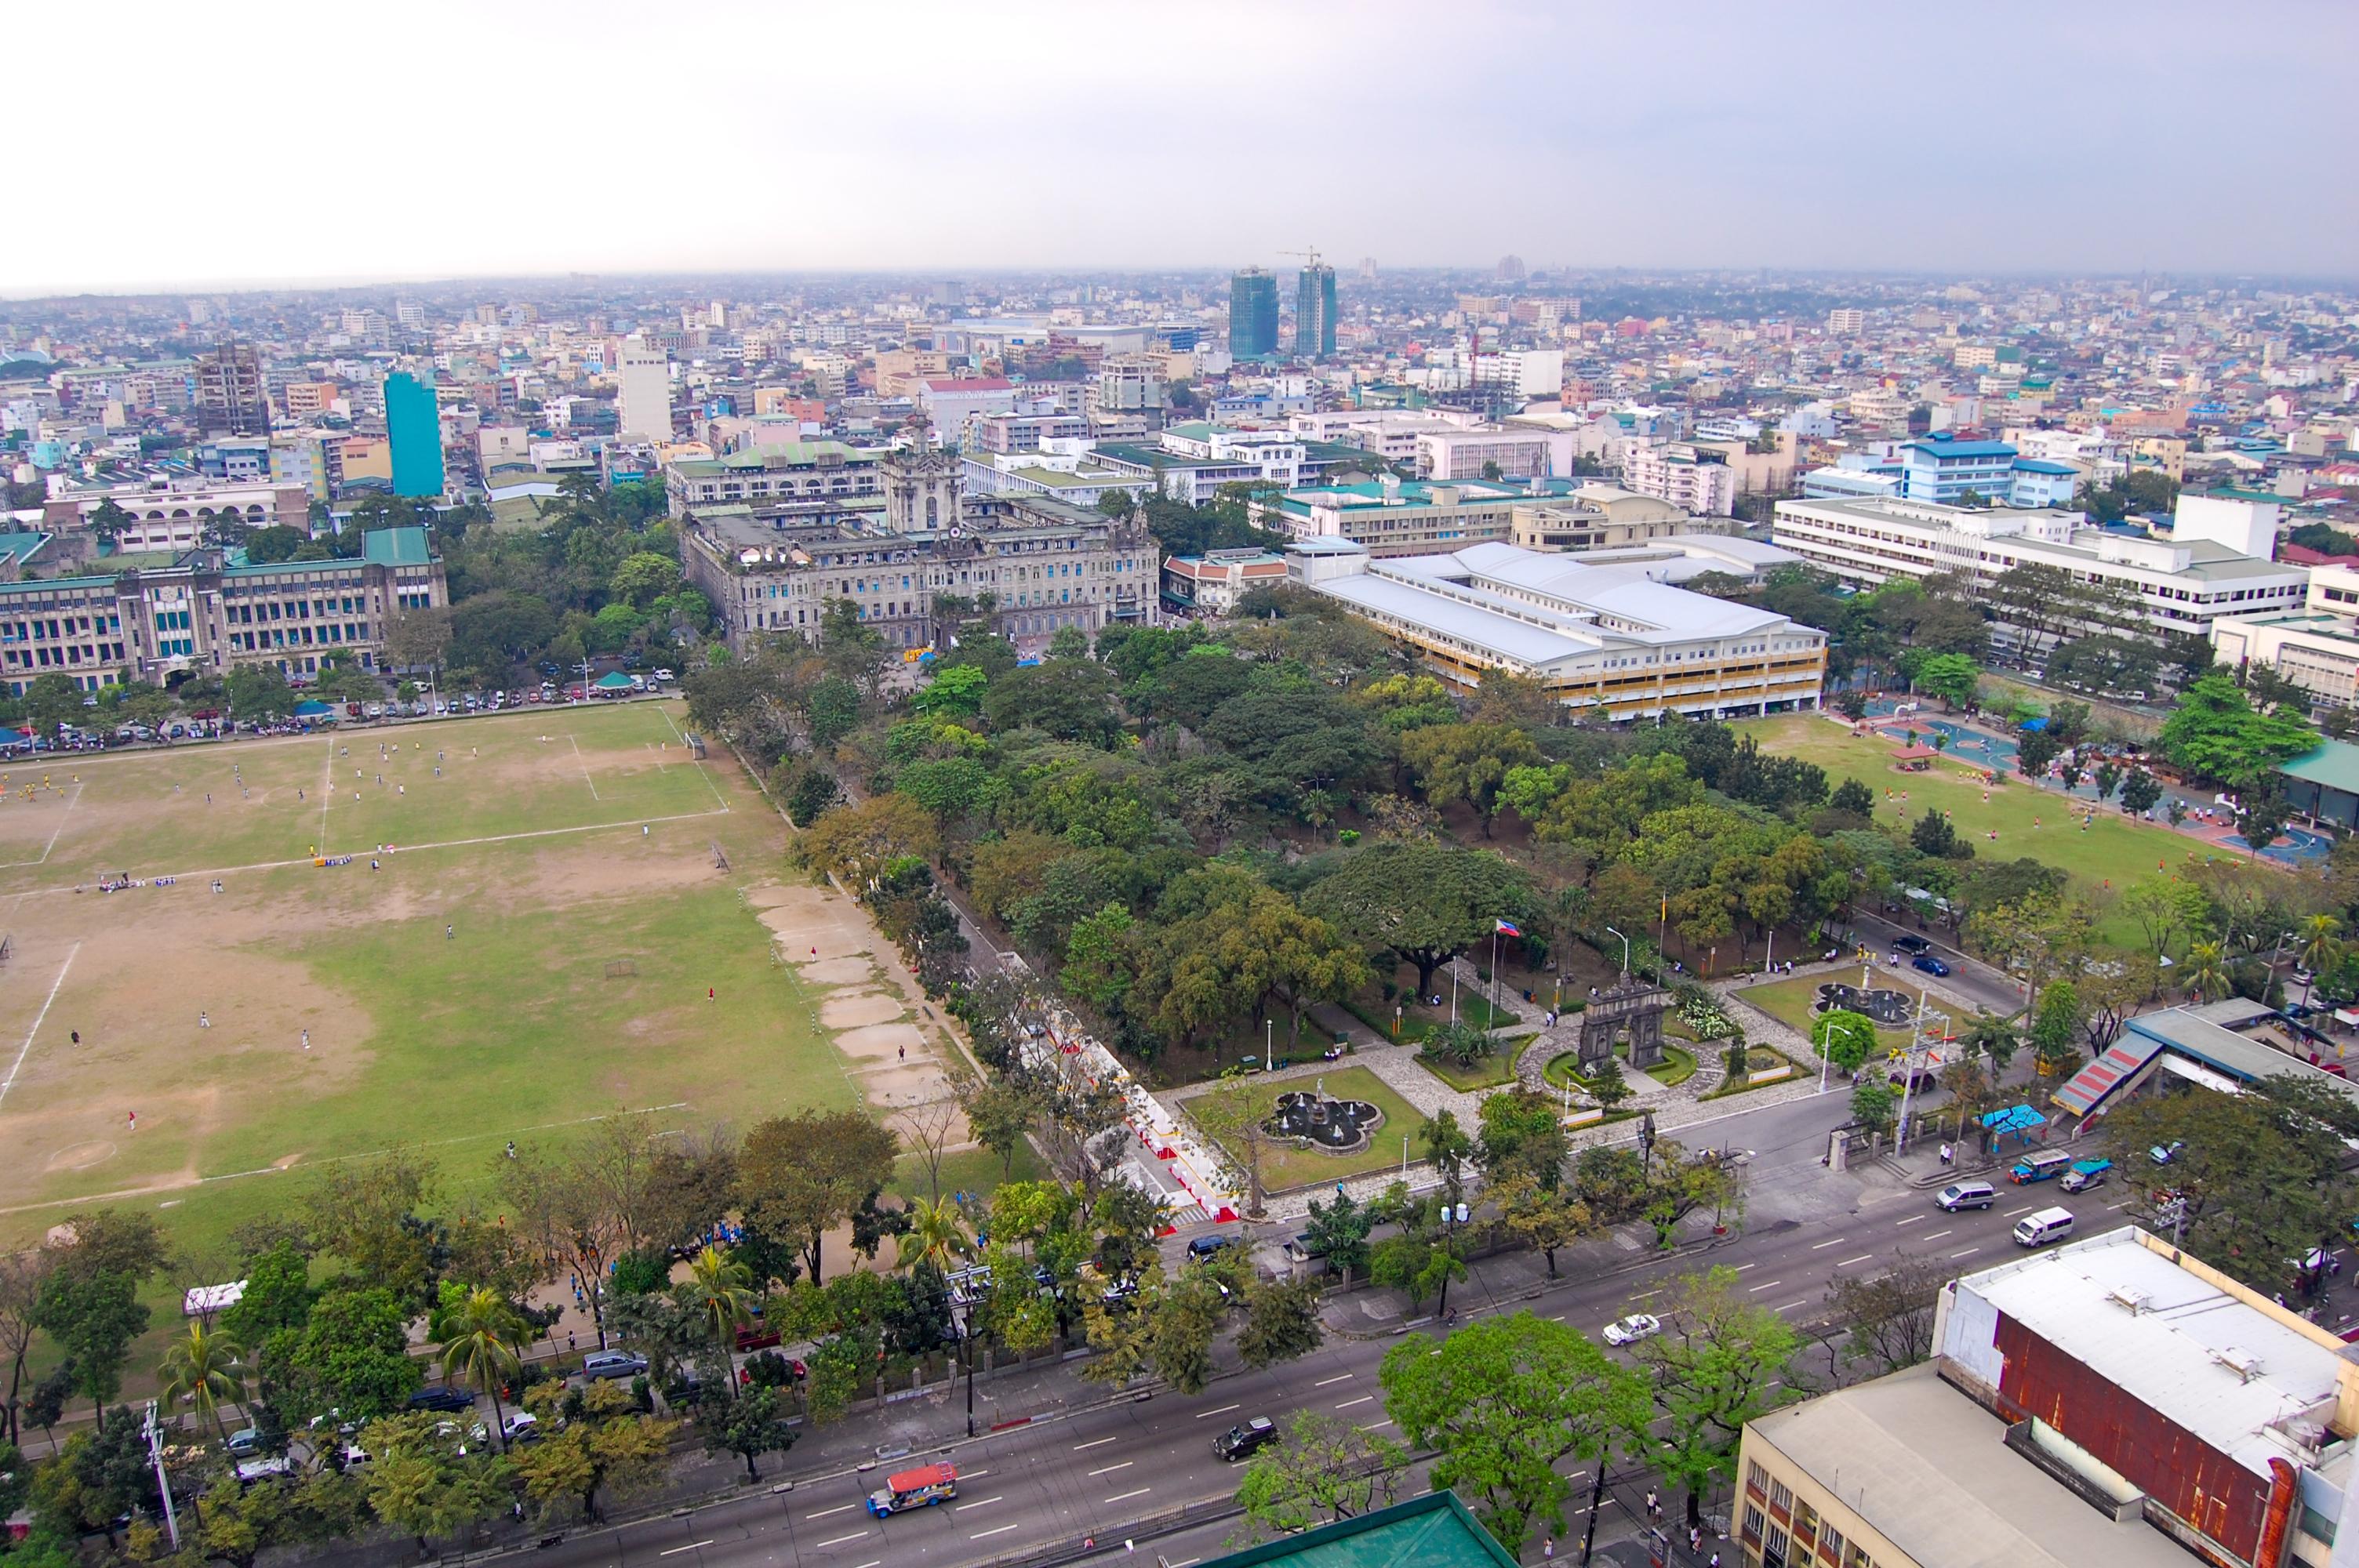 Urbanisasyon - Wikipedia, ang malayang ensiklopedya